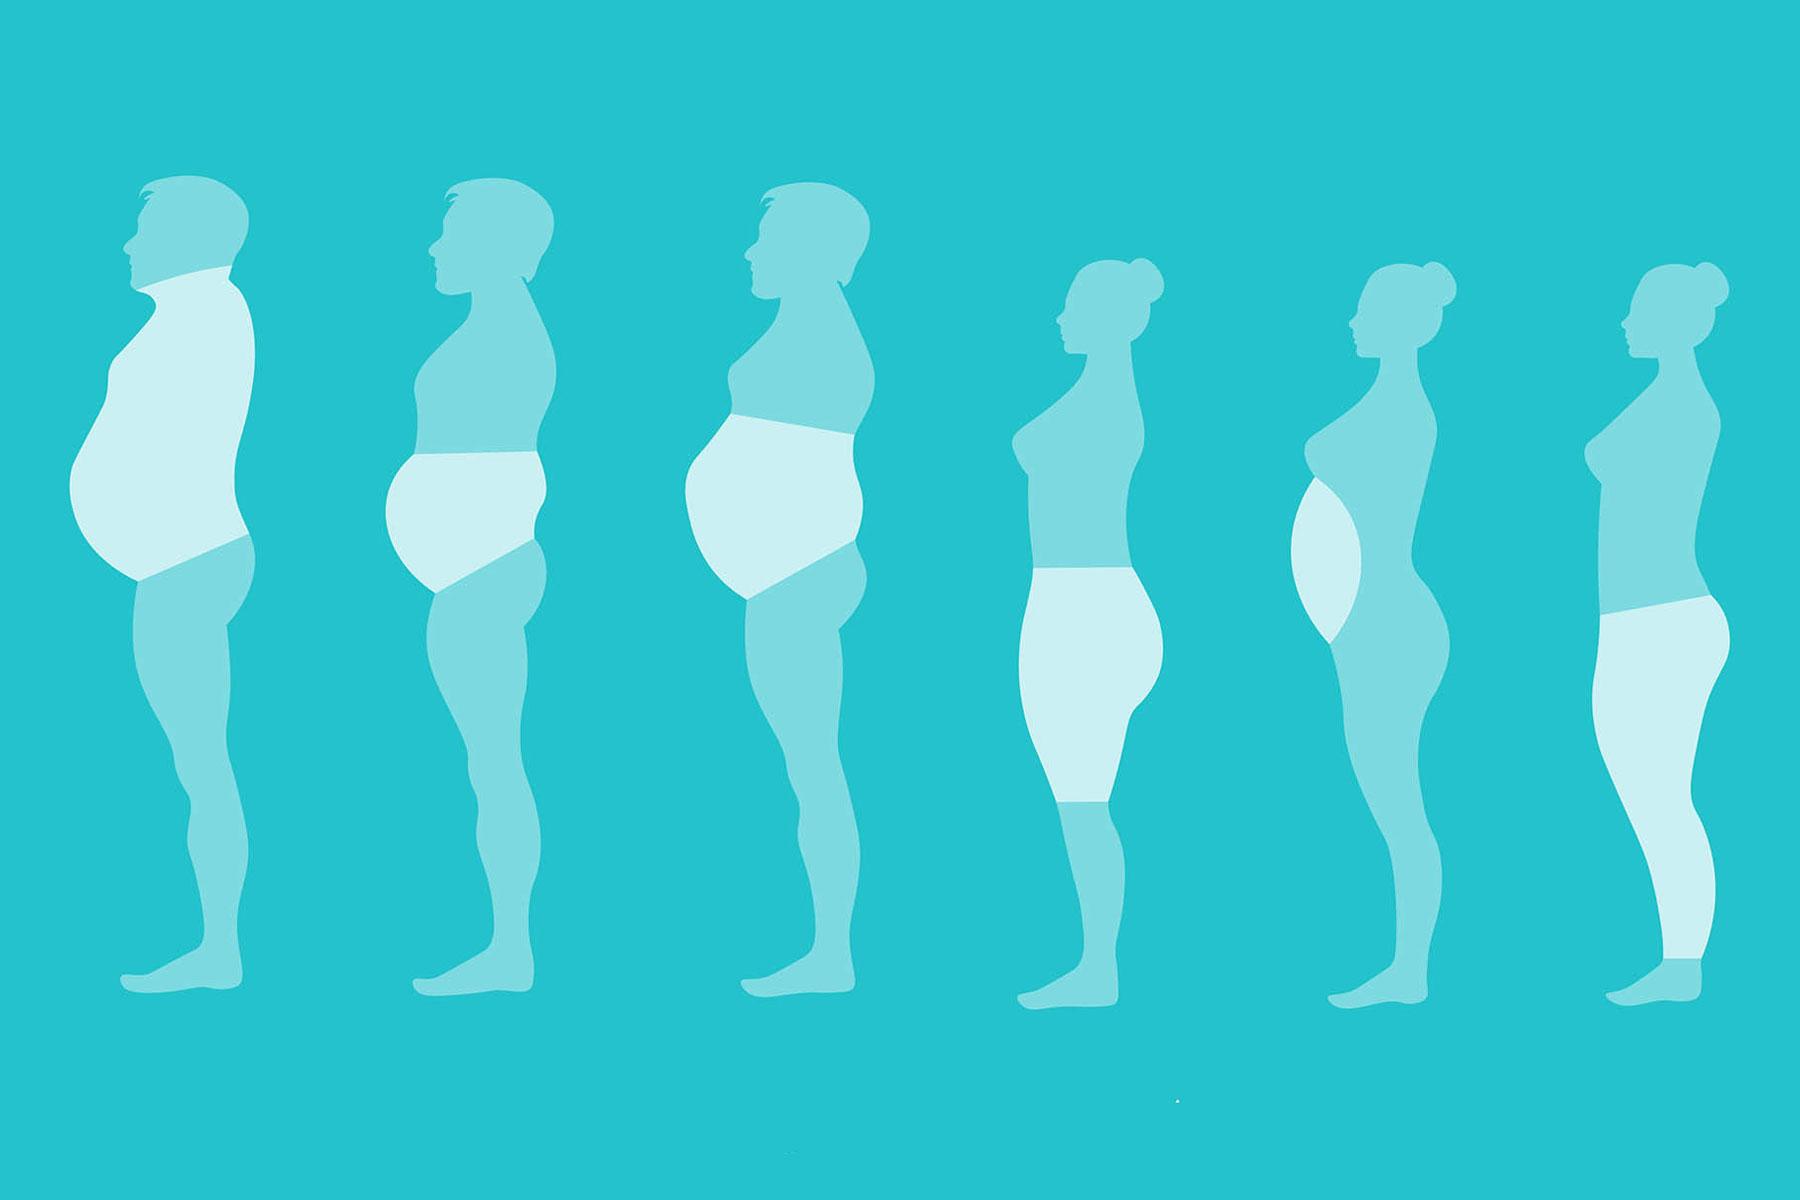 Tipos de grasa corporal – ¿Cuáles son y cómo eliminarla?